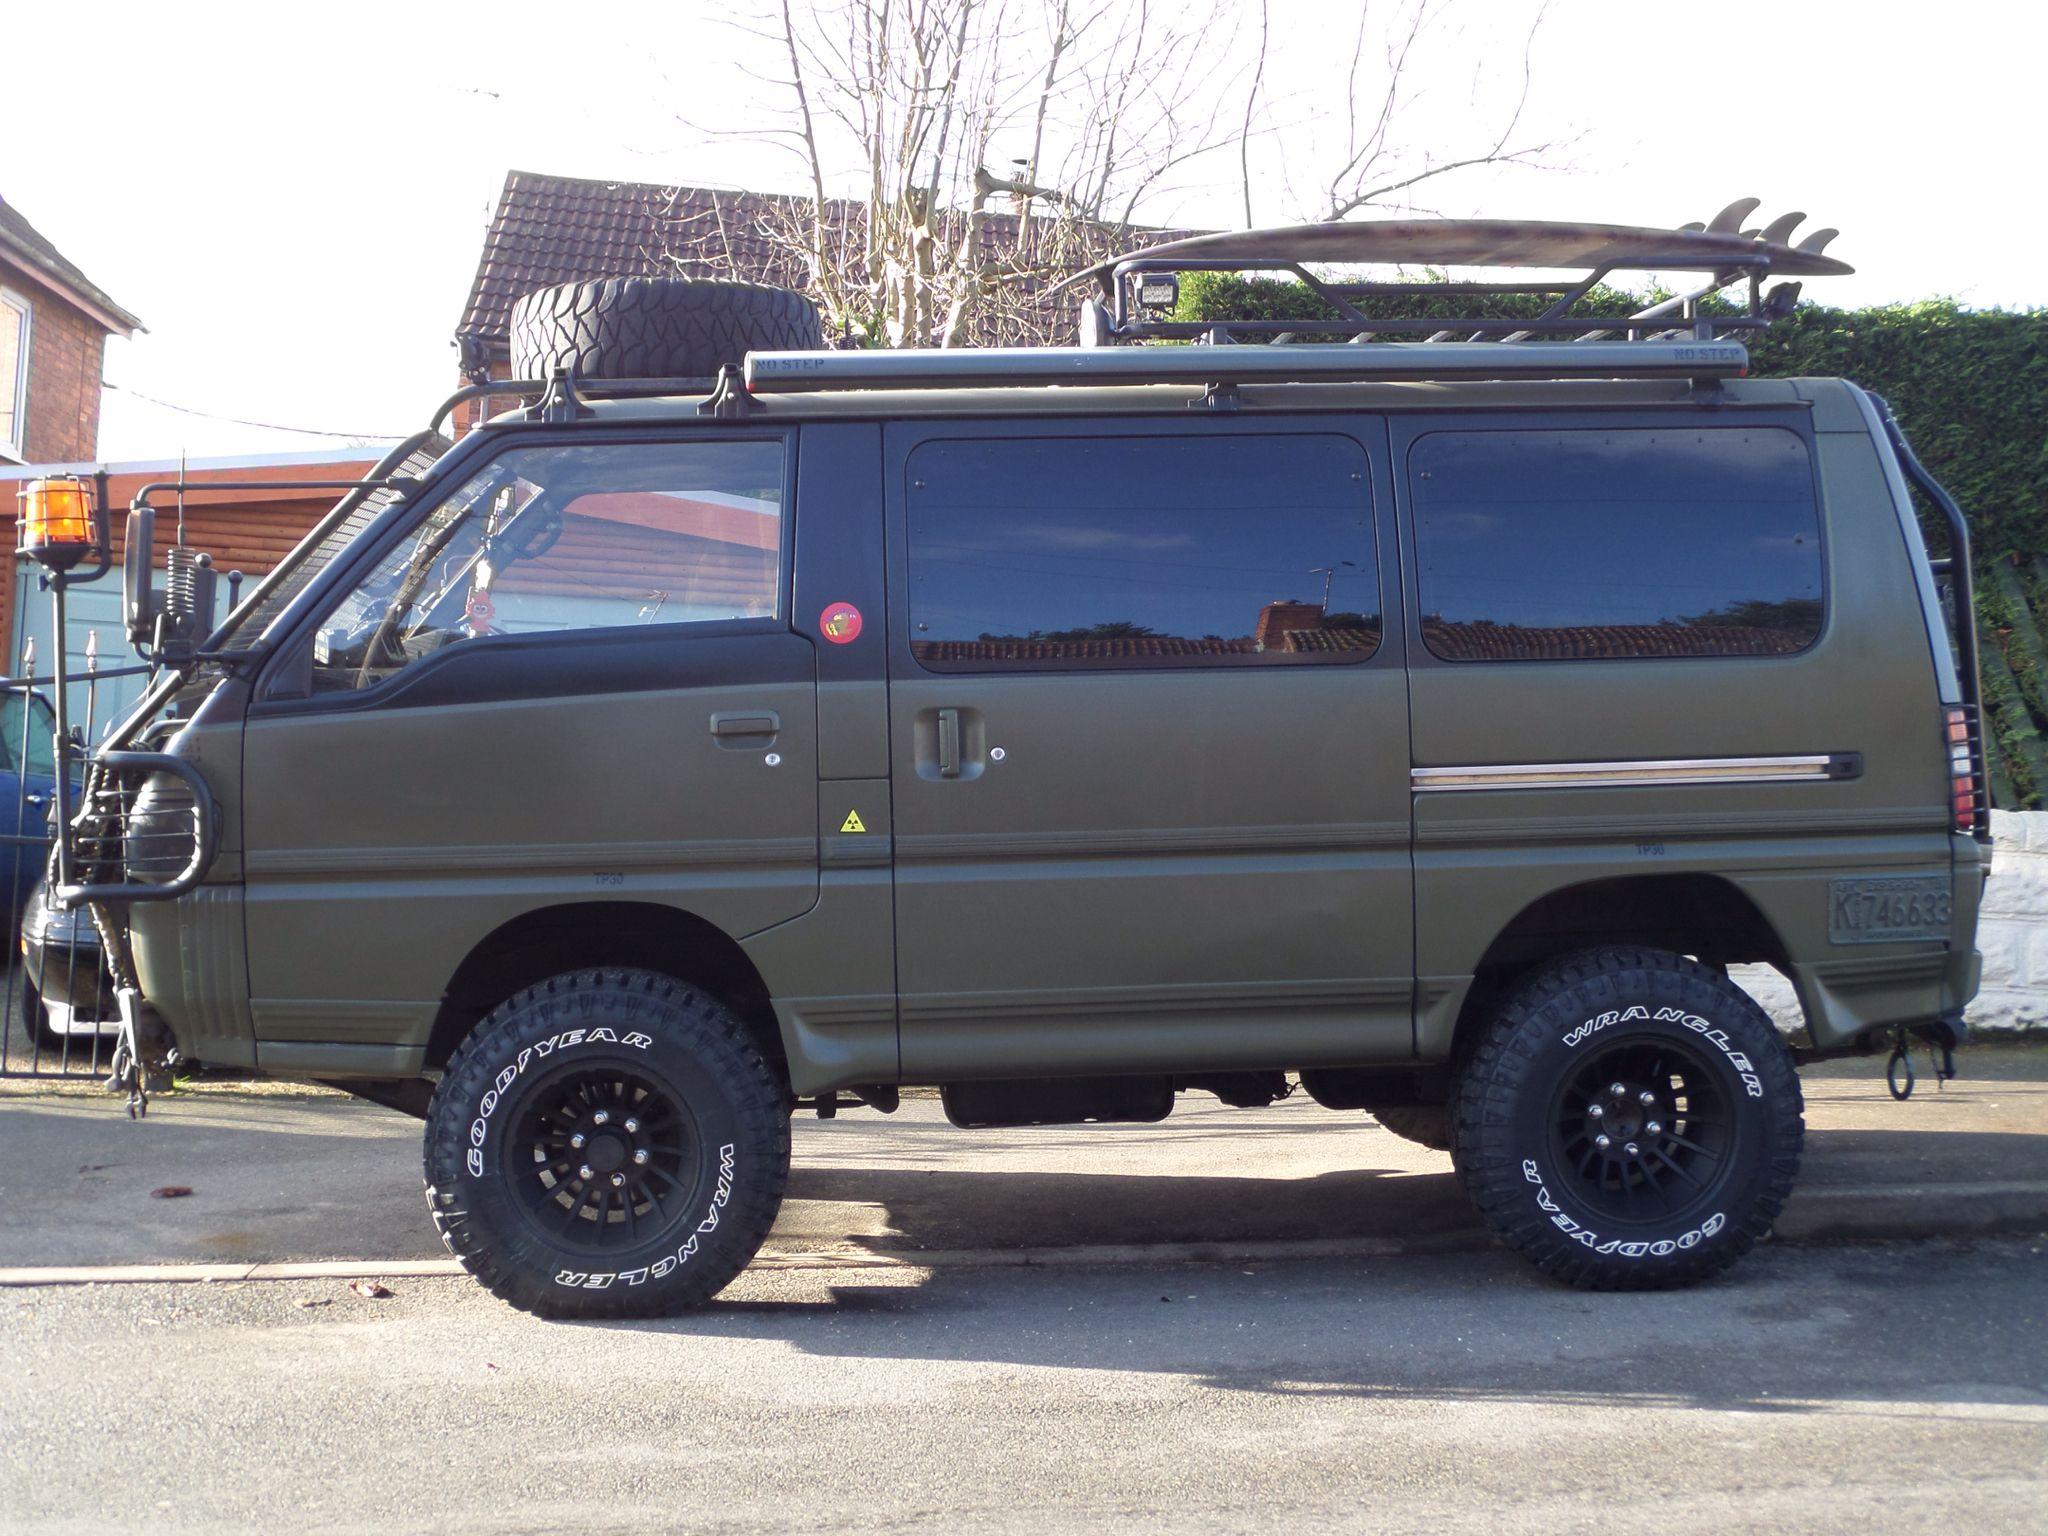 Delica Side on Delica van, Toyota van, 4x4 van